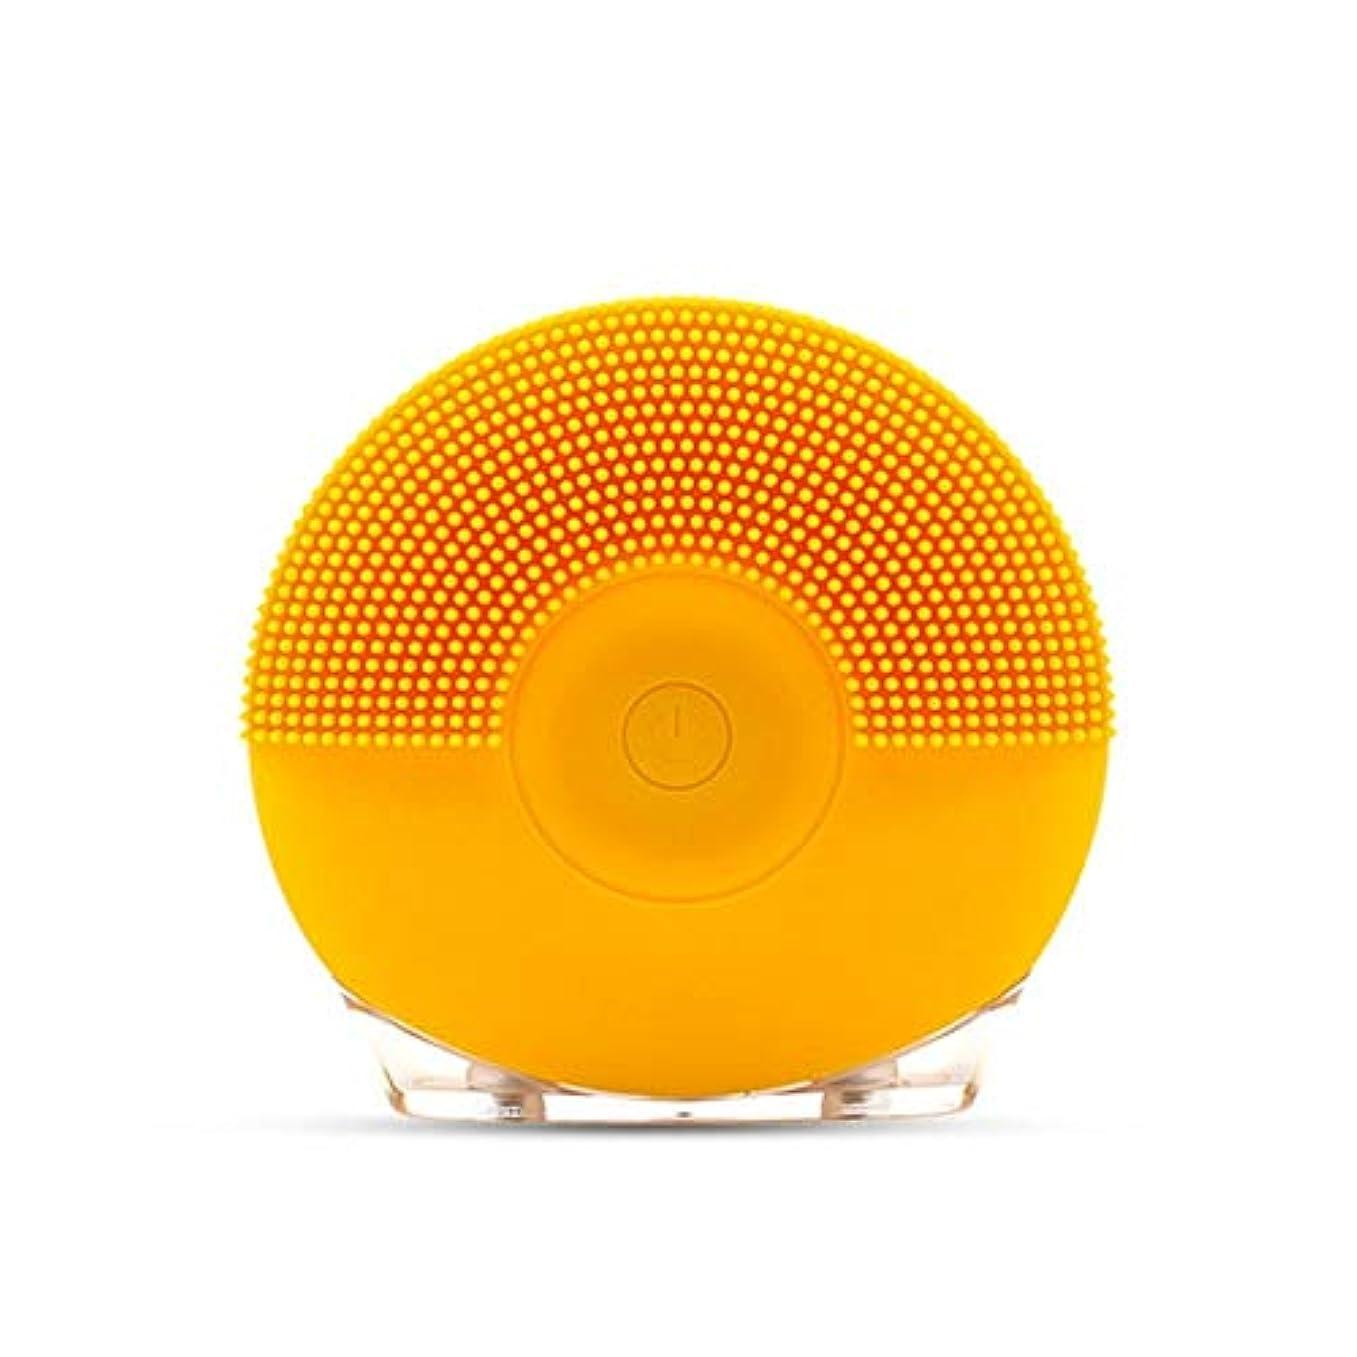 最小化するコンソール急行するソニックバイブレーションフェイシャルクレンジングブラシ、シリコンUsbフェイシャルクレンジングブラシ (Color : Yellow)